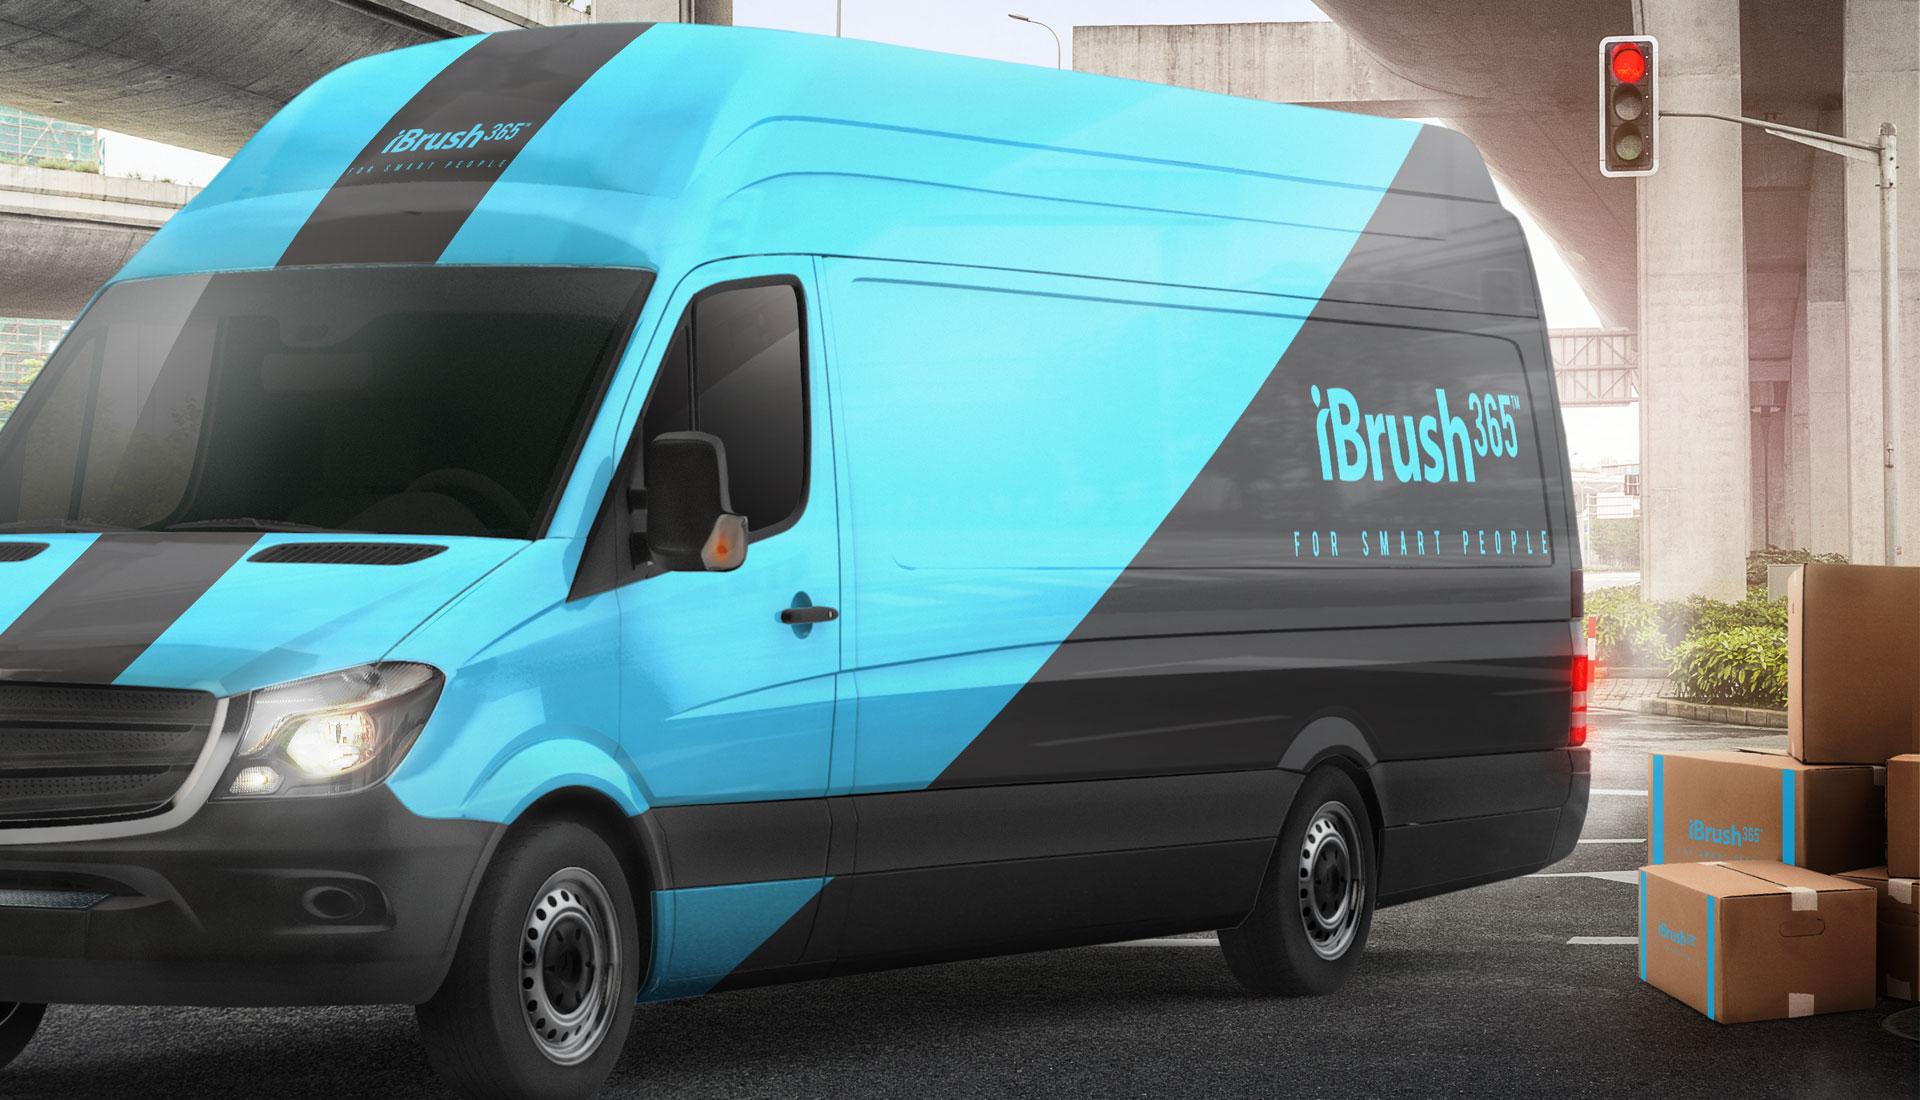 iBrush 365™ Shop